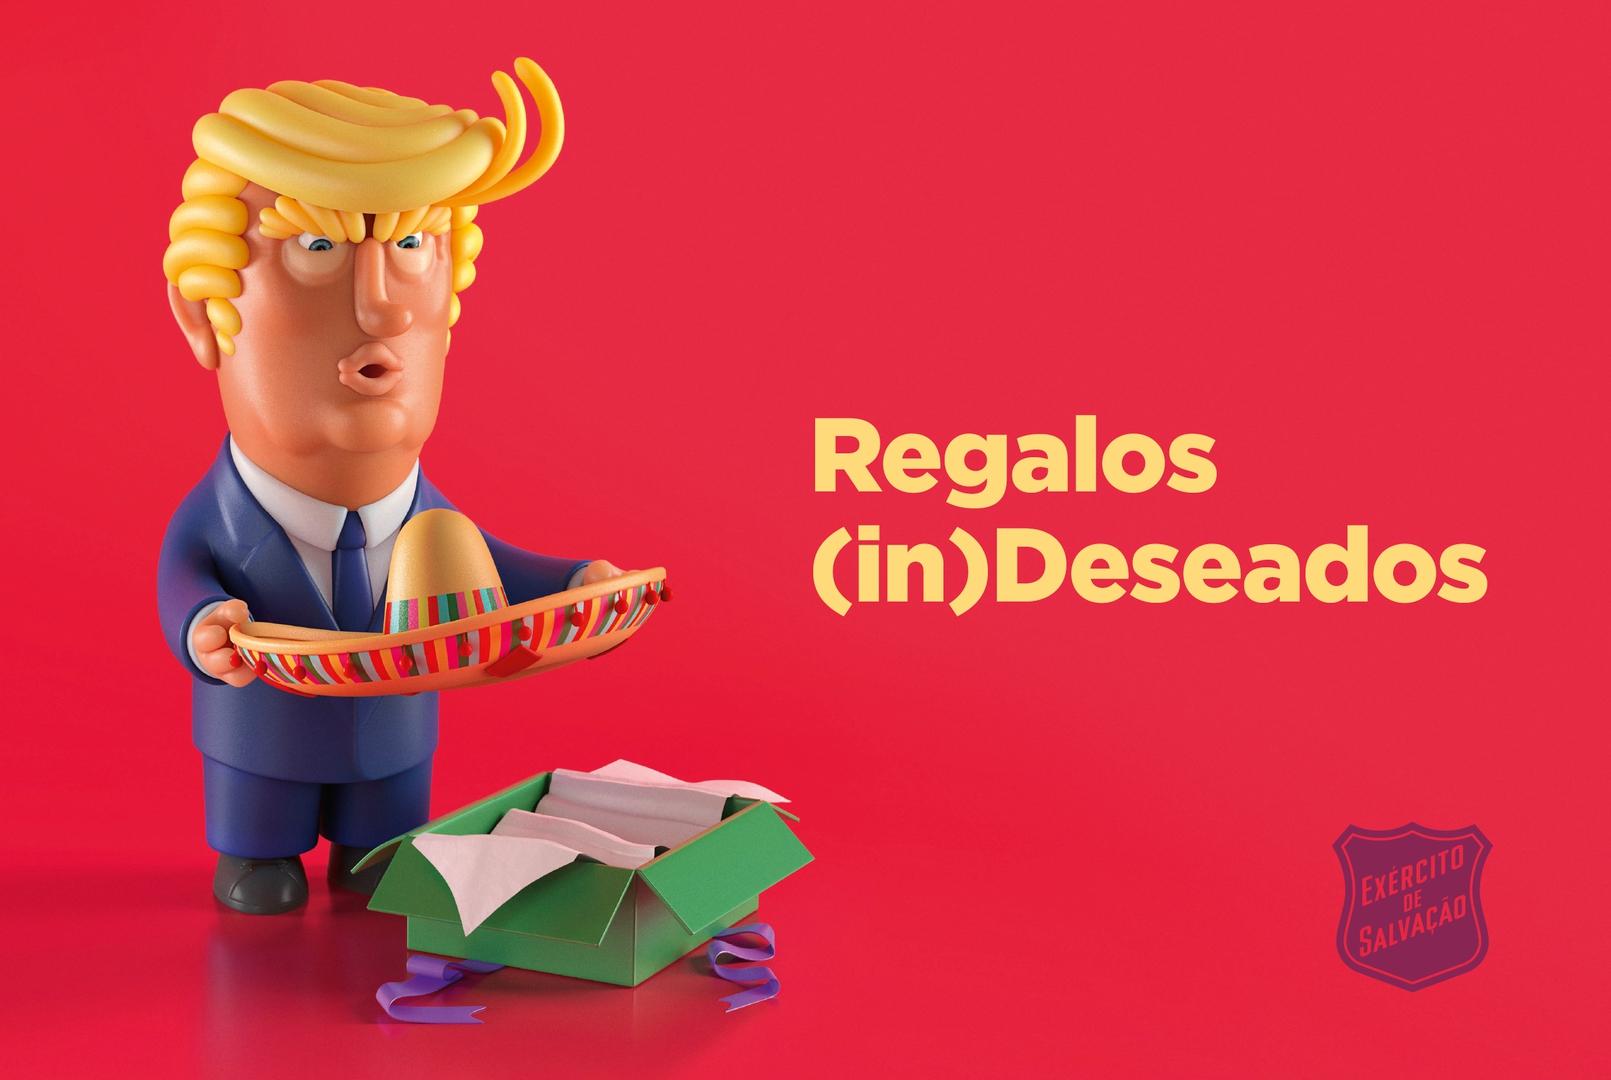 Regalos (in)deseados